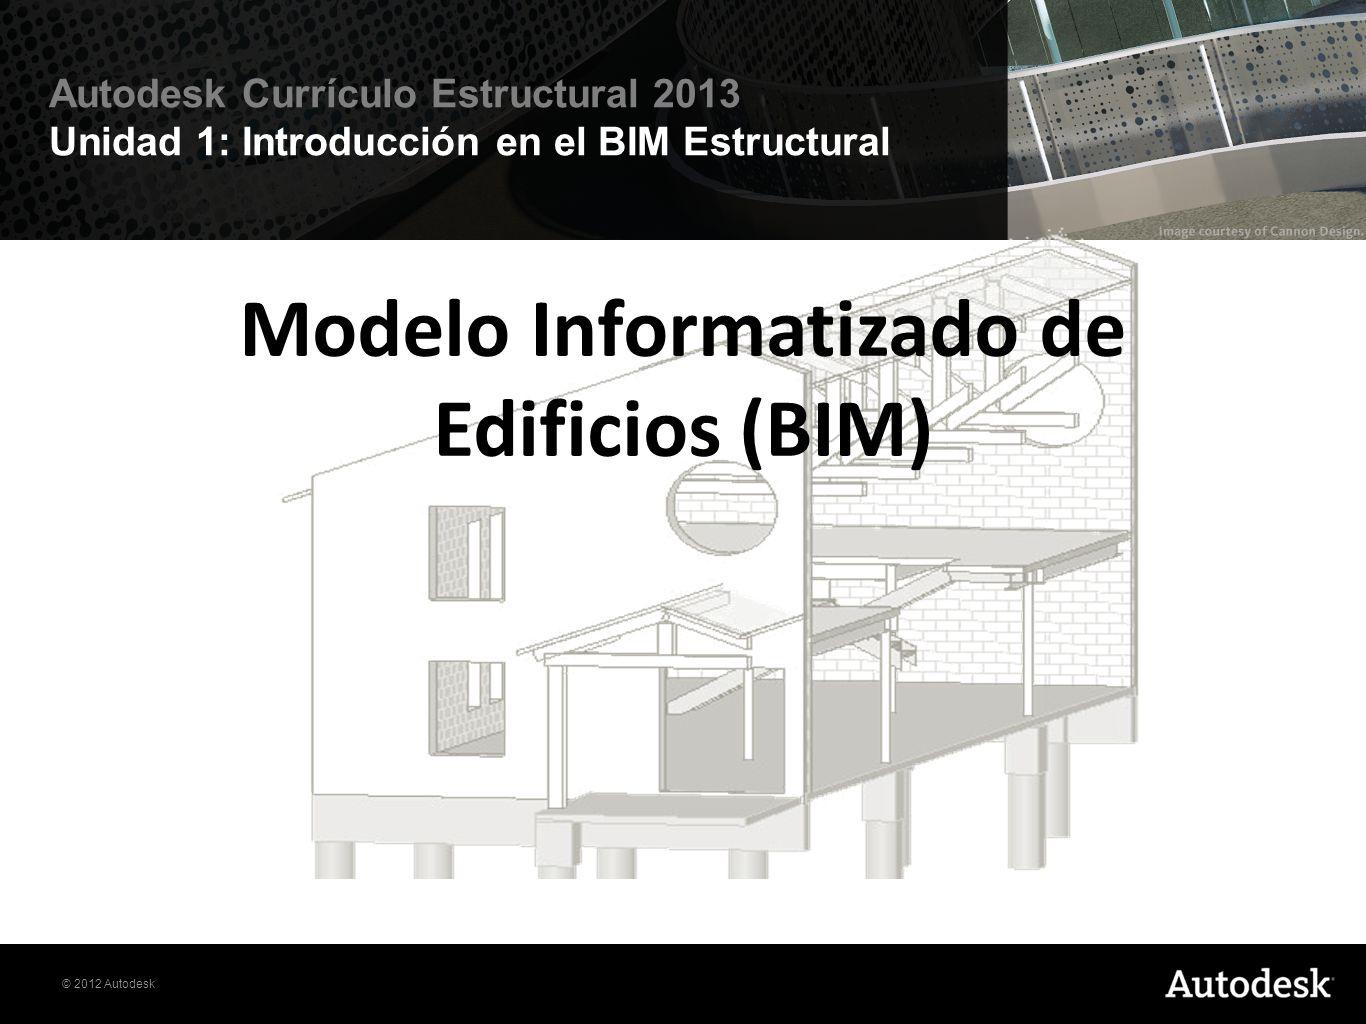 Modelo Informatizado de Edificios (BIM)